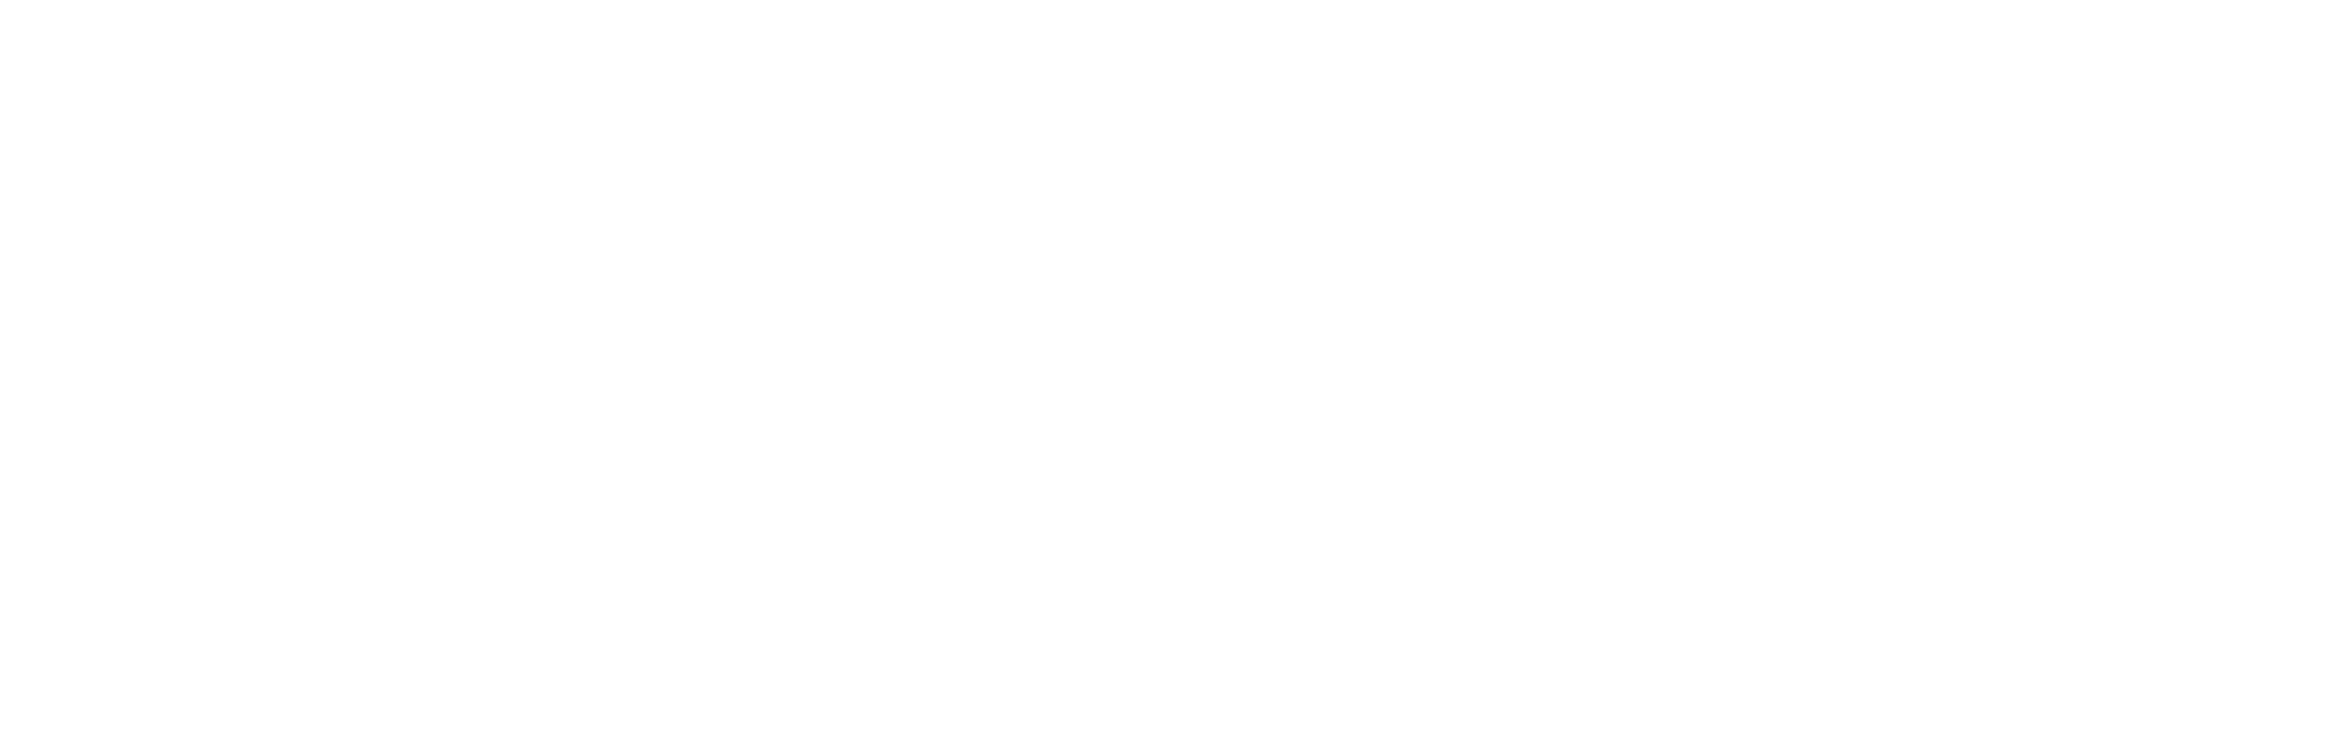 Deadbolt Logo white